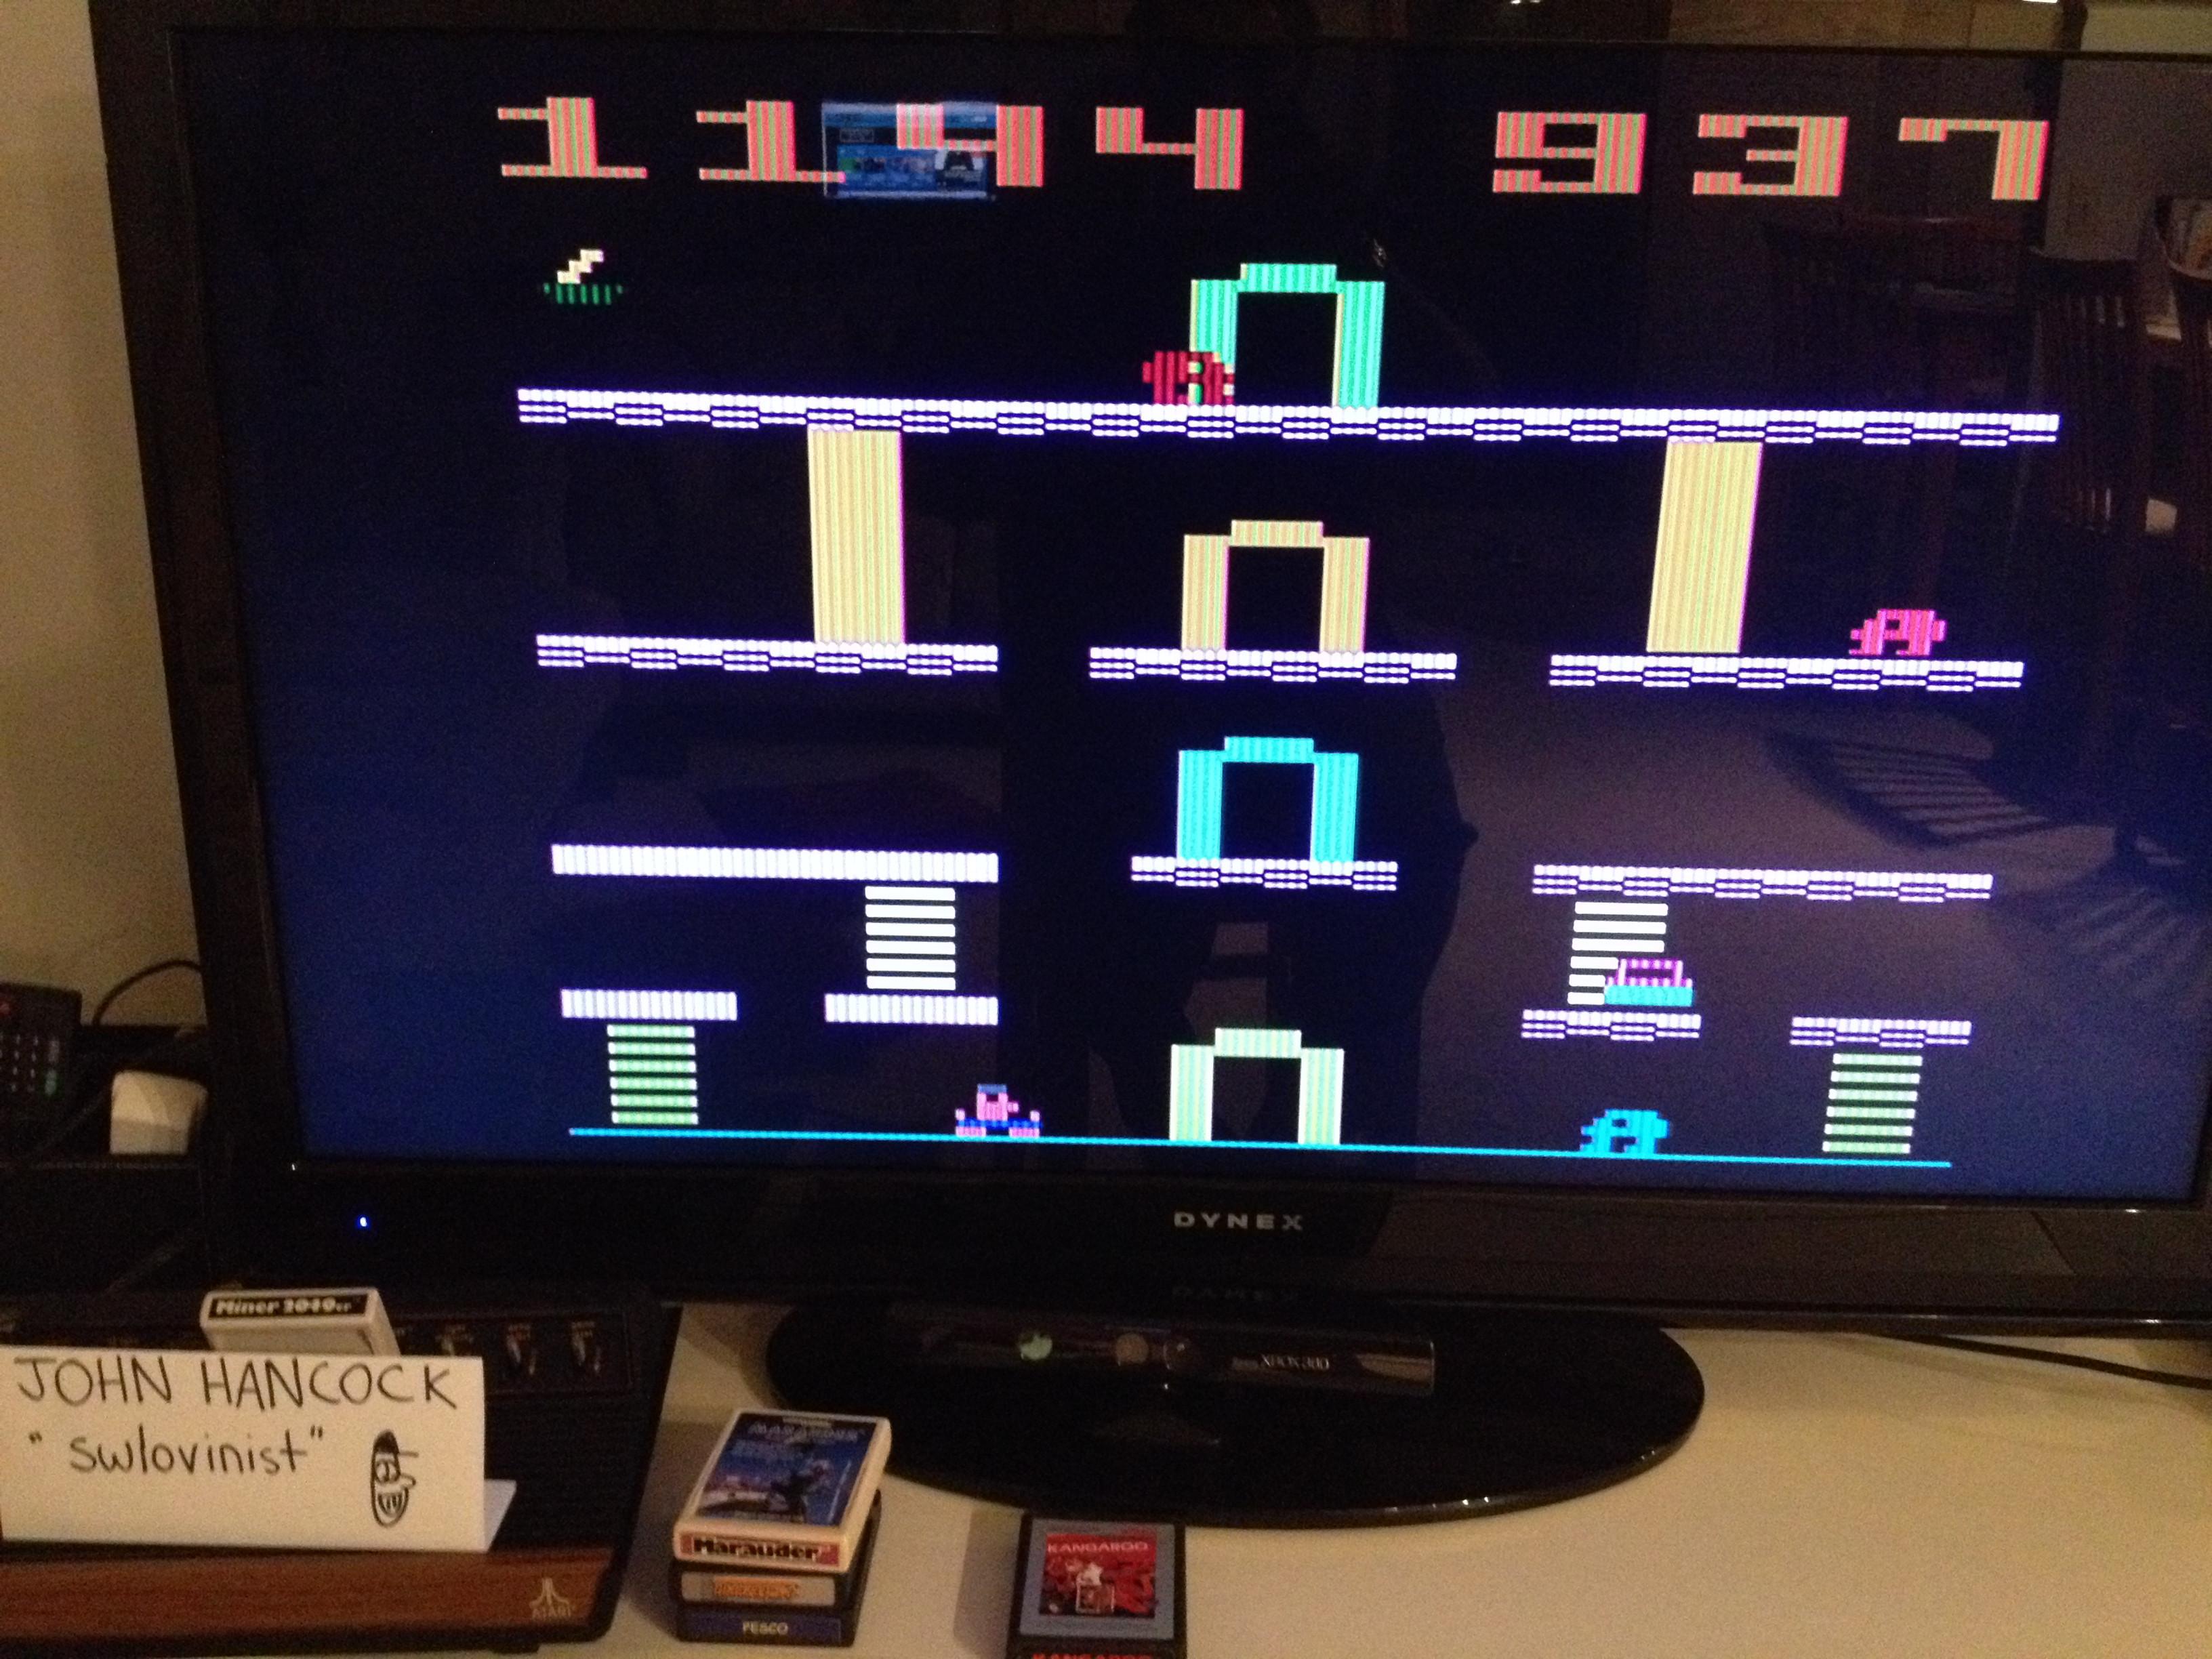 swlovinist: Miner 2049er (Atari 2600 Expert/A) 1,144 points on 2013-10-02 23:18:19